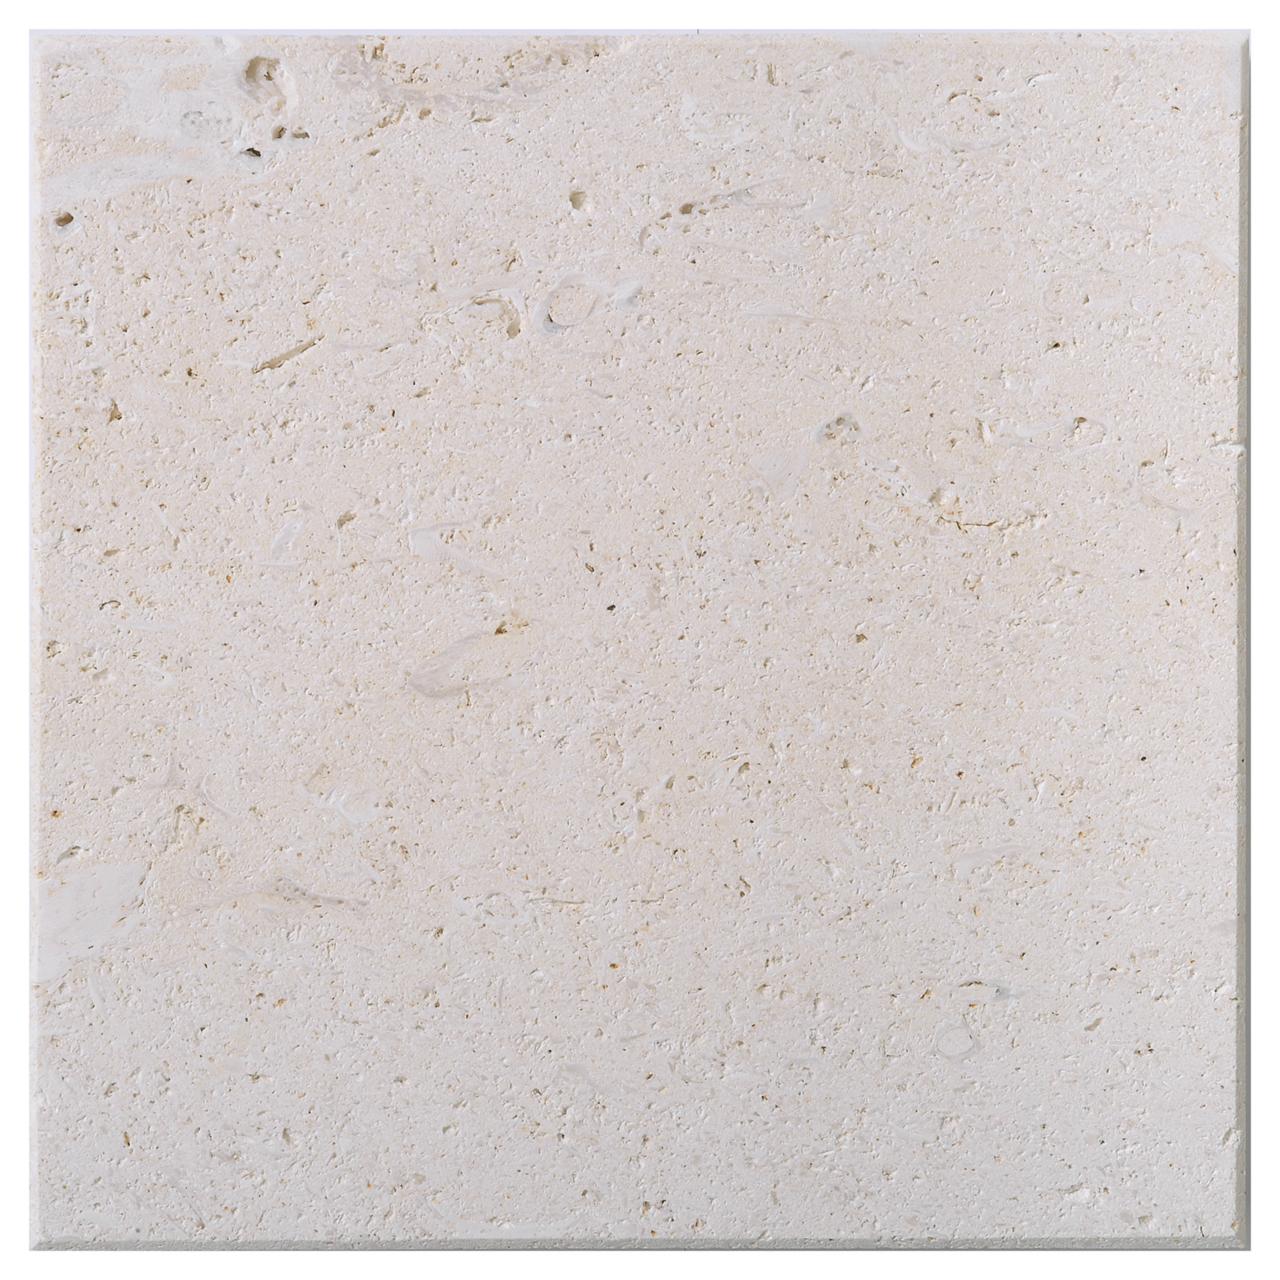 Piedra de Hontoria, apomazada. Calizas Muriel